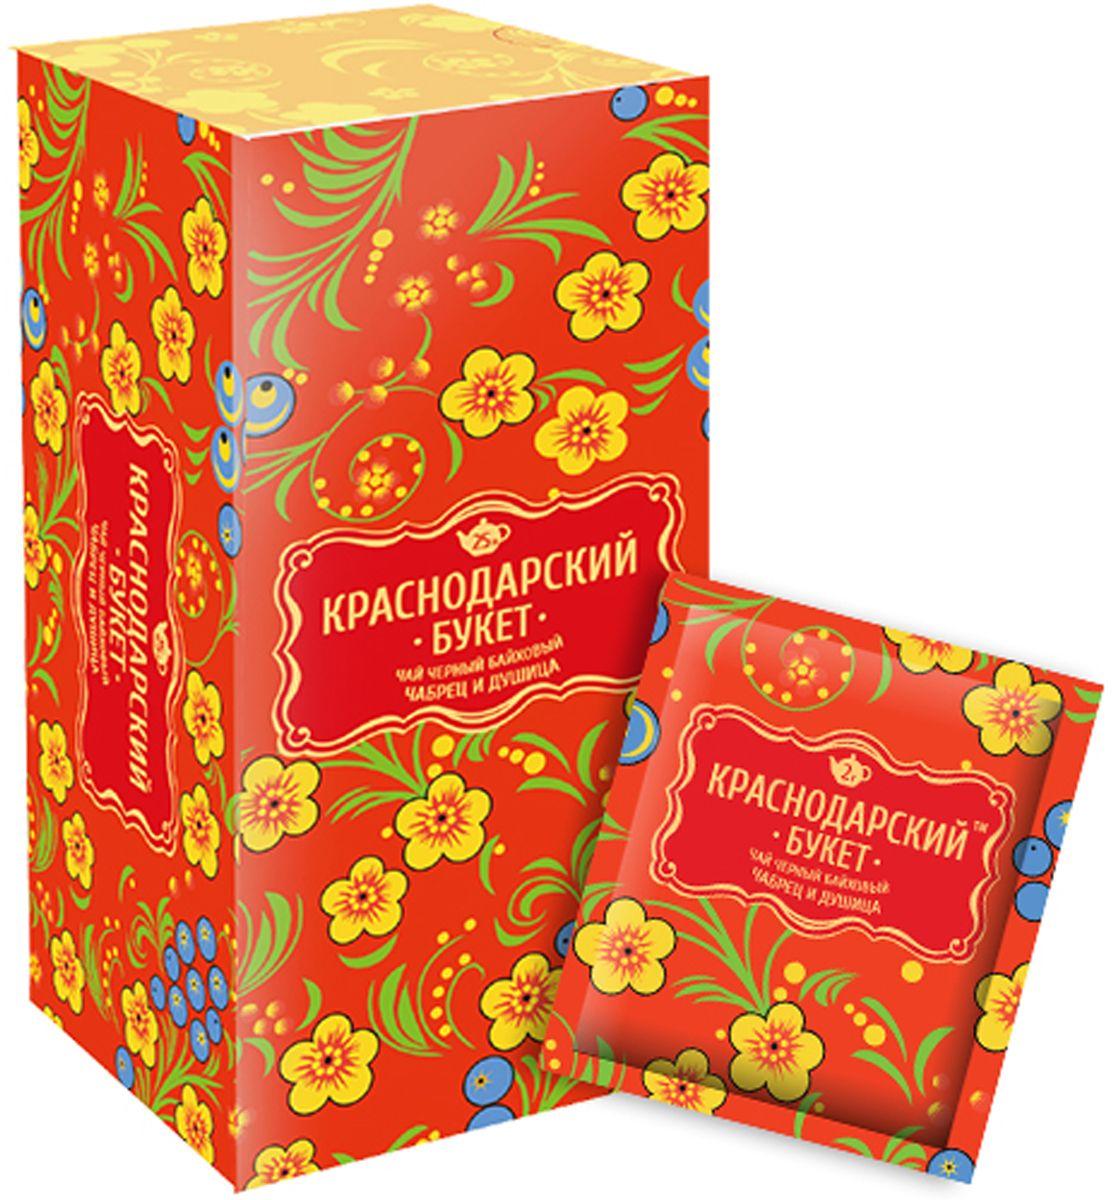 Краснодарский букет чай черный с чабрецом и душицей в пакетиках, 25 шт4607051543041Особенный приятный аромат и вкус этому чаю придает добавление благоухающих, медоносных трав - чабреца и душицы.